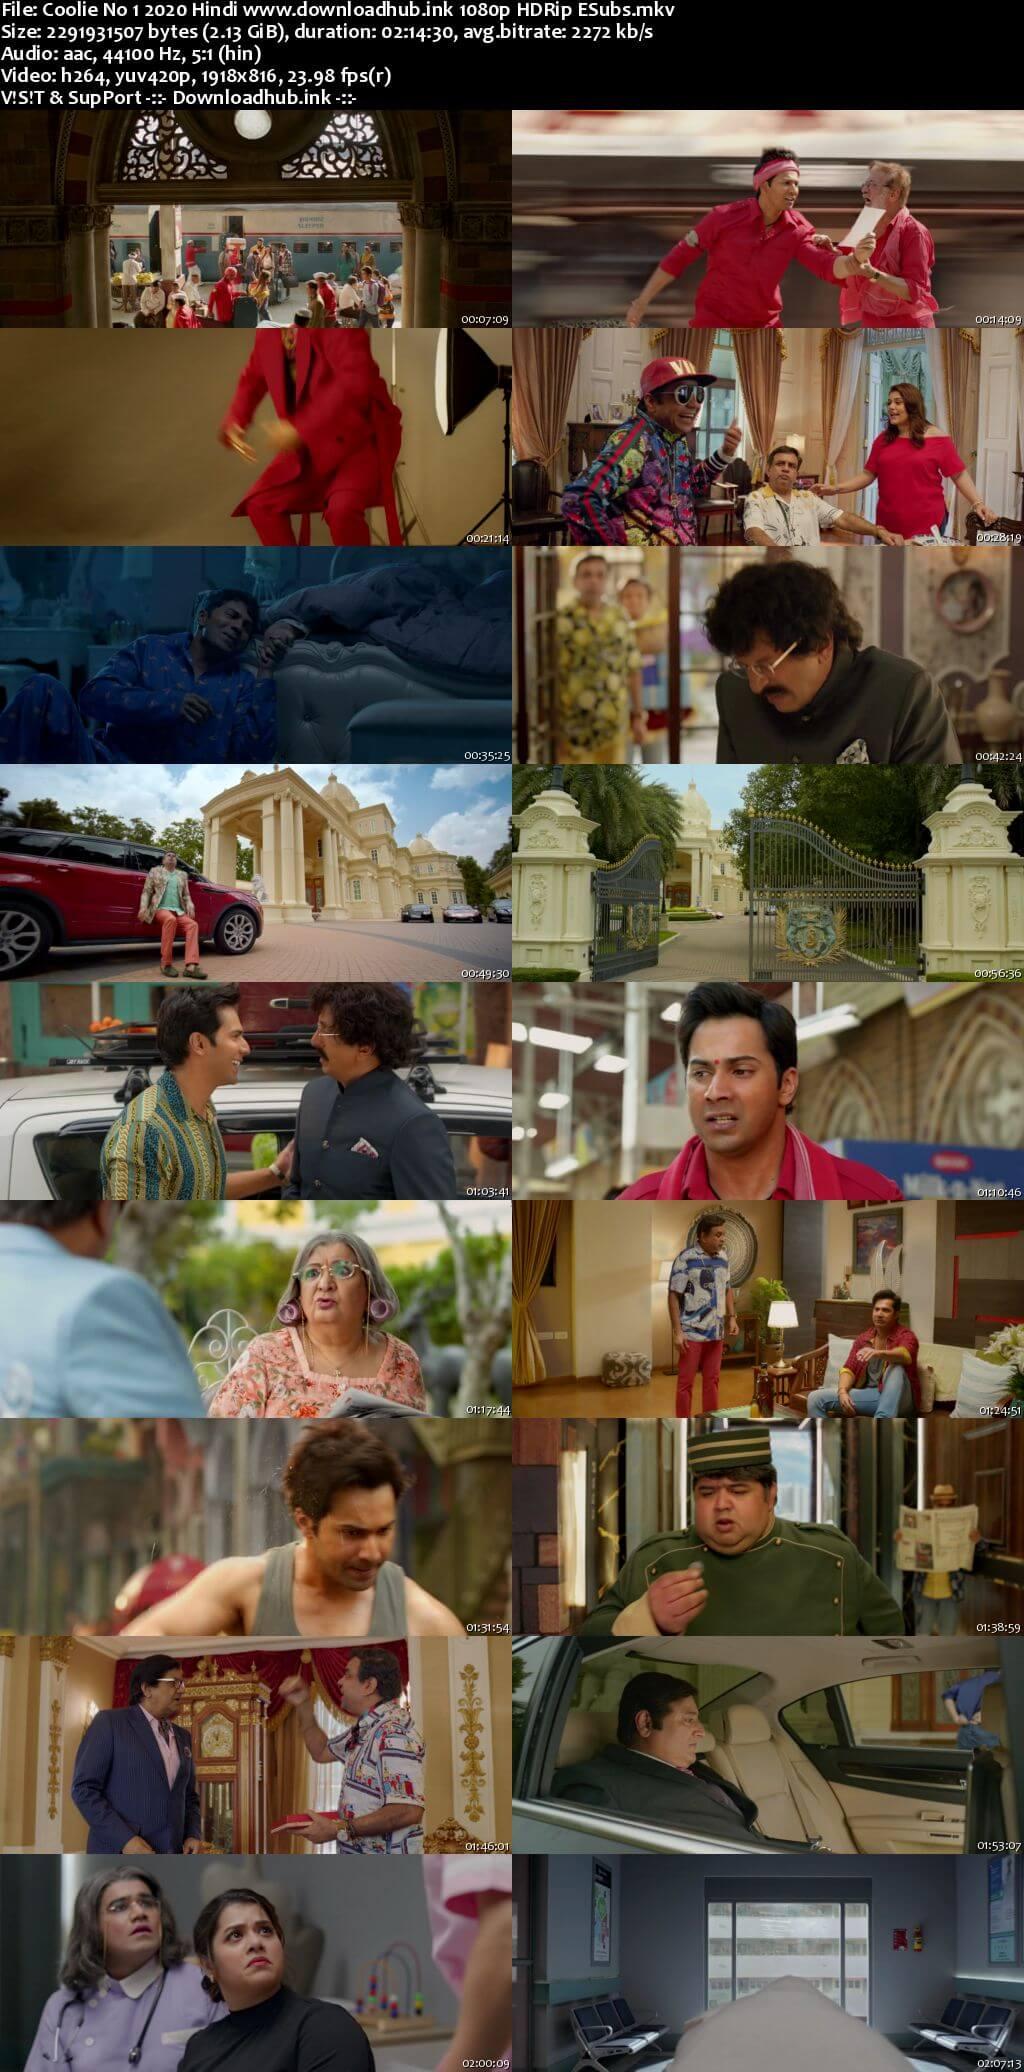 Coolie No 1 2020 Hindi 1080p HDRip ESubs